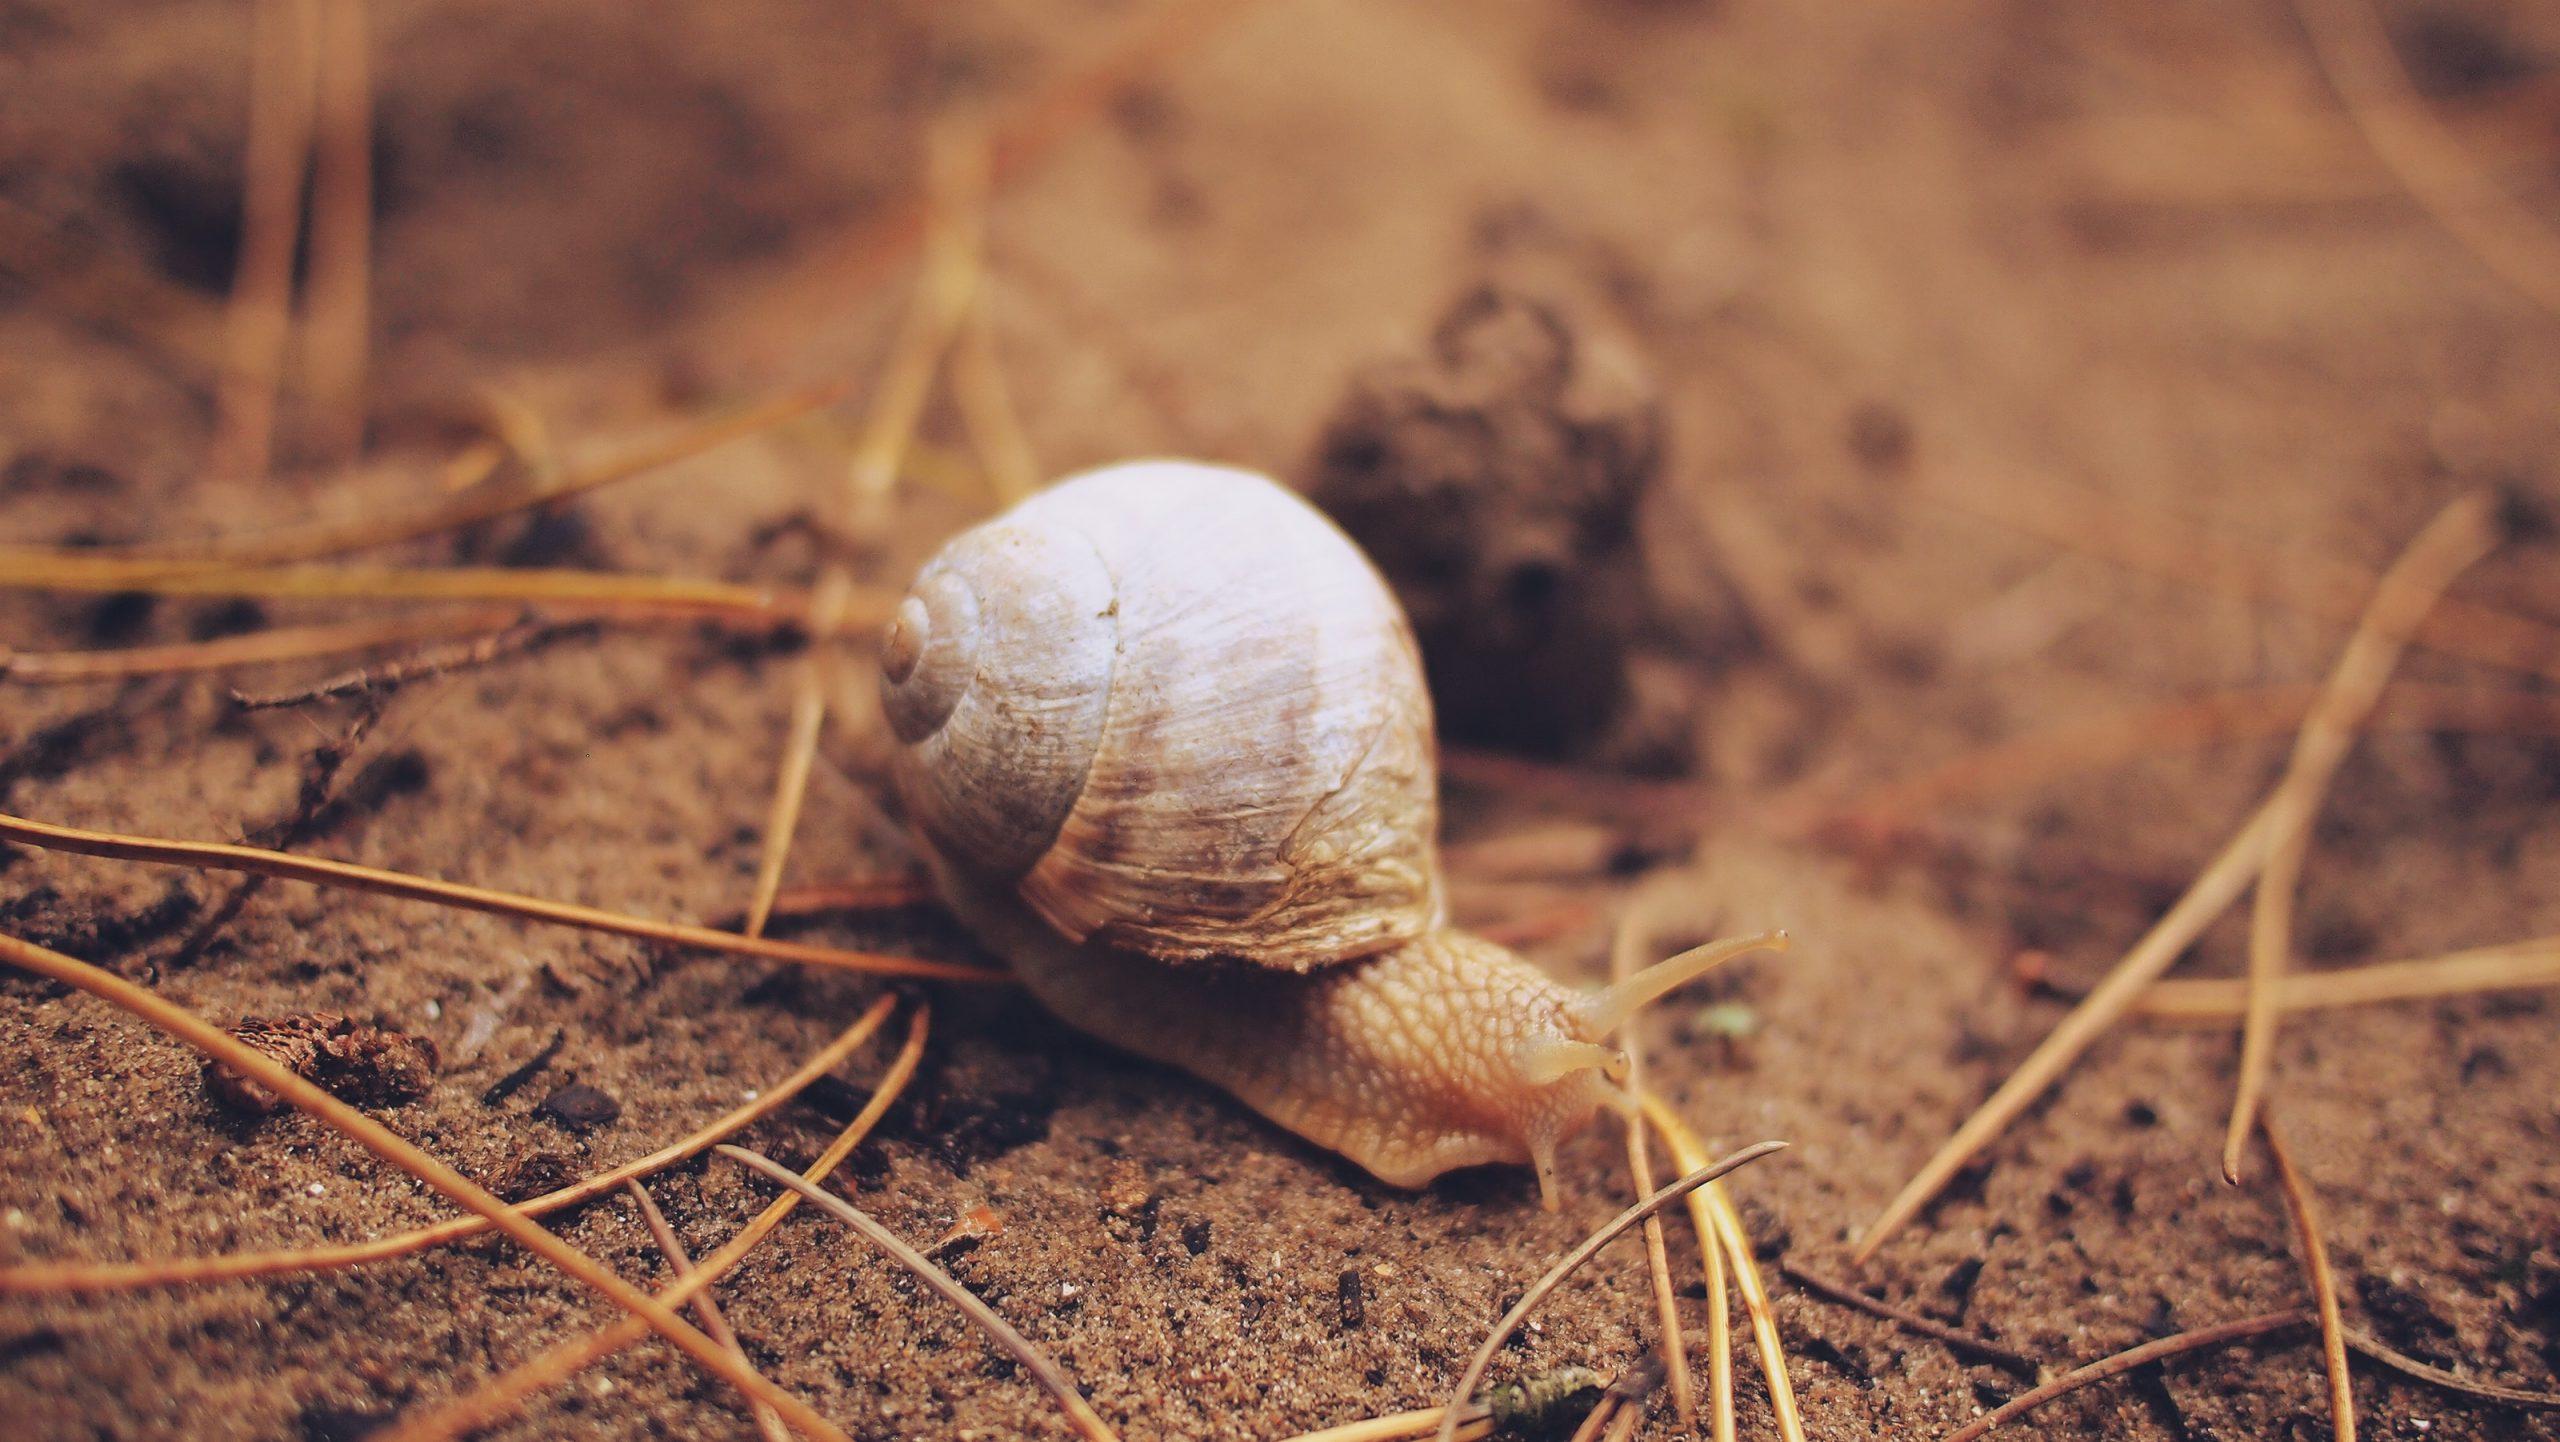 Anamarija Červar: Puž u mravinjaku